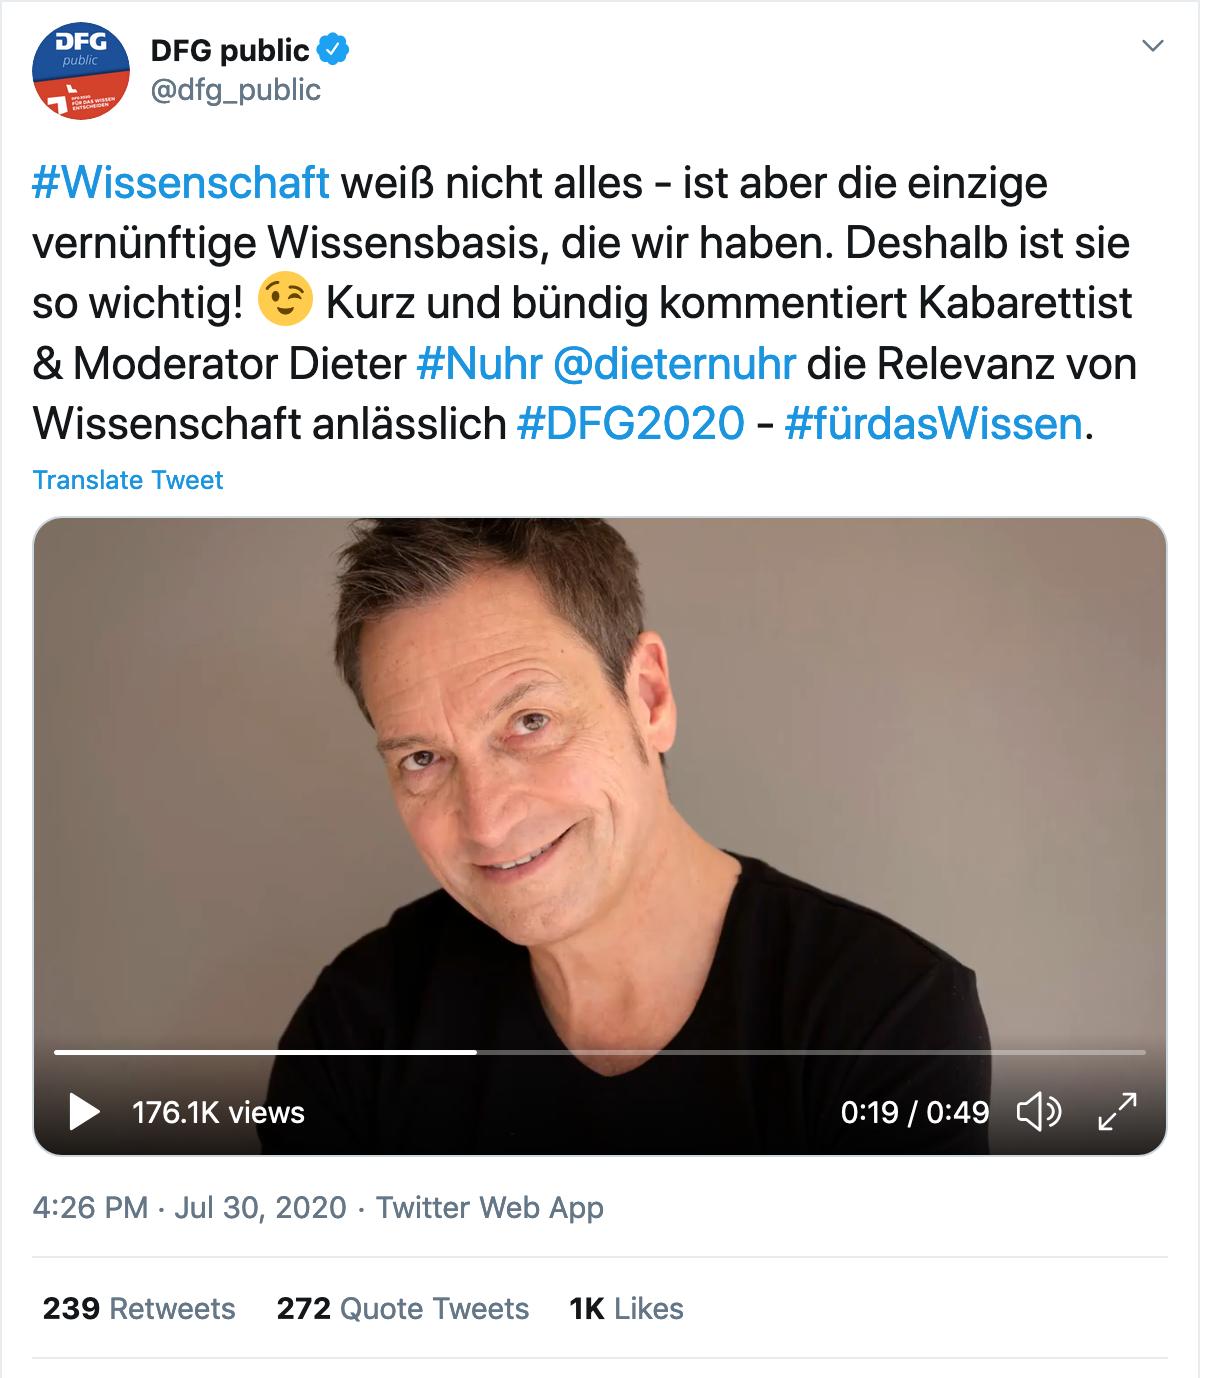 Screenshot des Tweets der Deutschen Forschungsgemeinschaft, in dem die Organisation den Beitrag von Dieter Nuhr zu ihrem Jubiläumsjahr bewirbt. Anlass für viele kritische Tweets, die im Nachhinein von einigen Kommentator*innen als Shitstorm abgetan wurde.